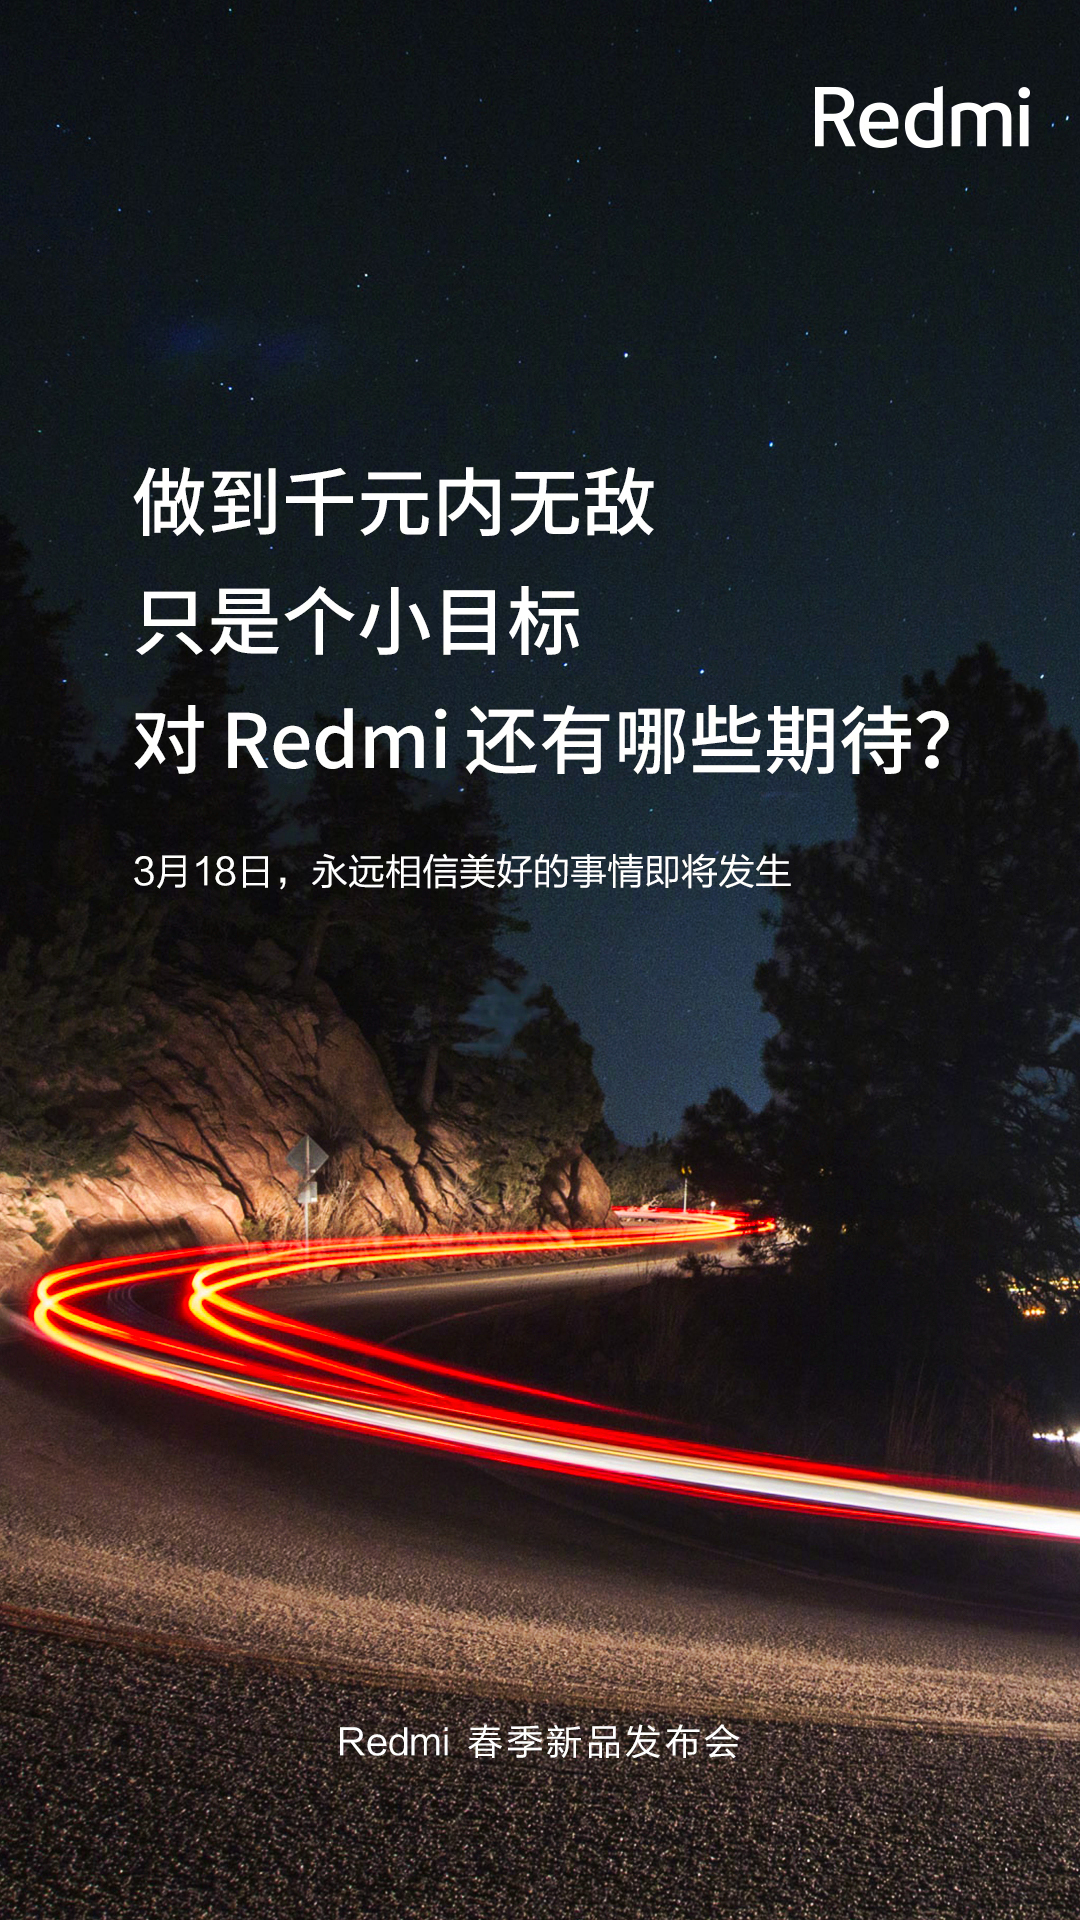 红米预热春季新品发布会:千元内无敌只是小目标